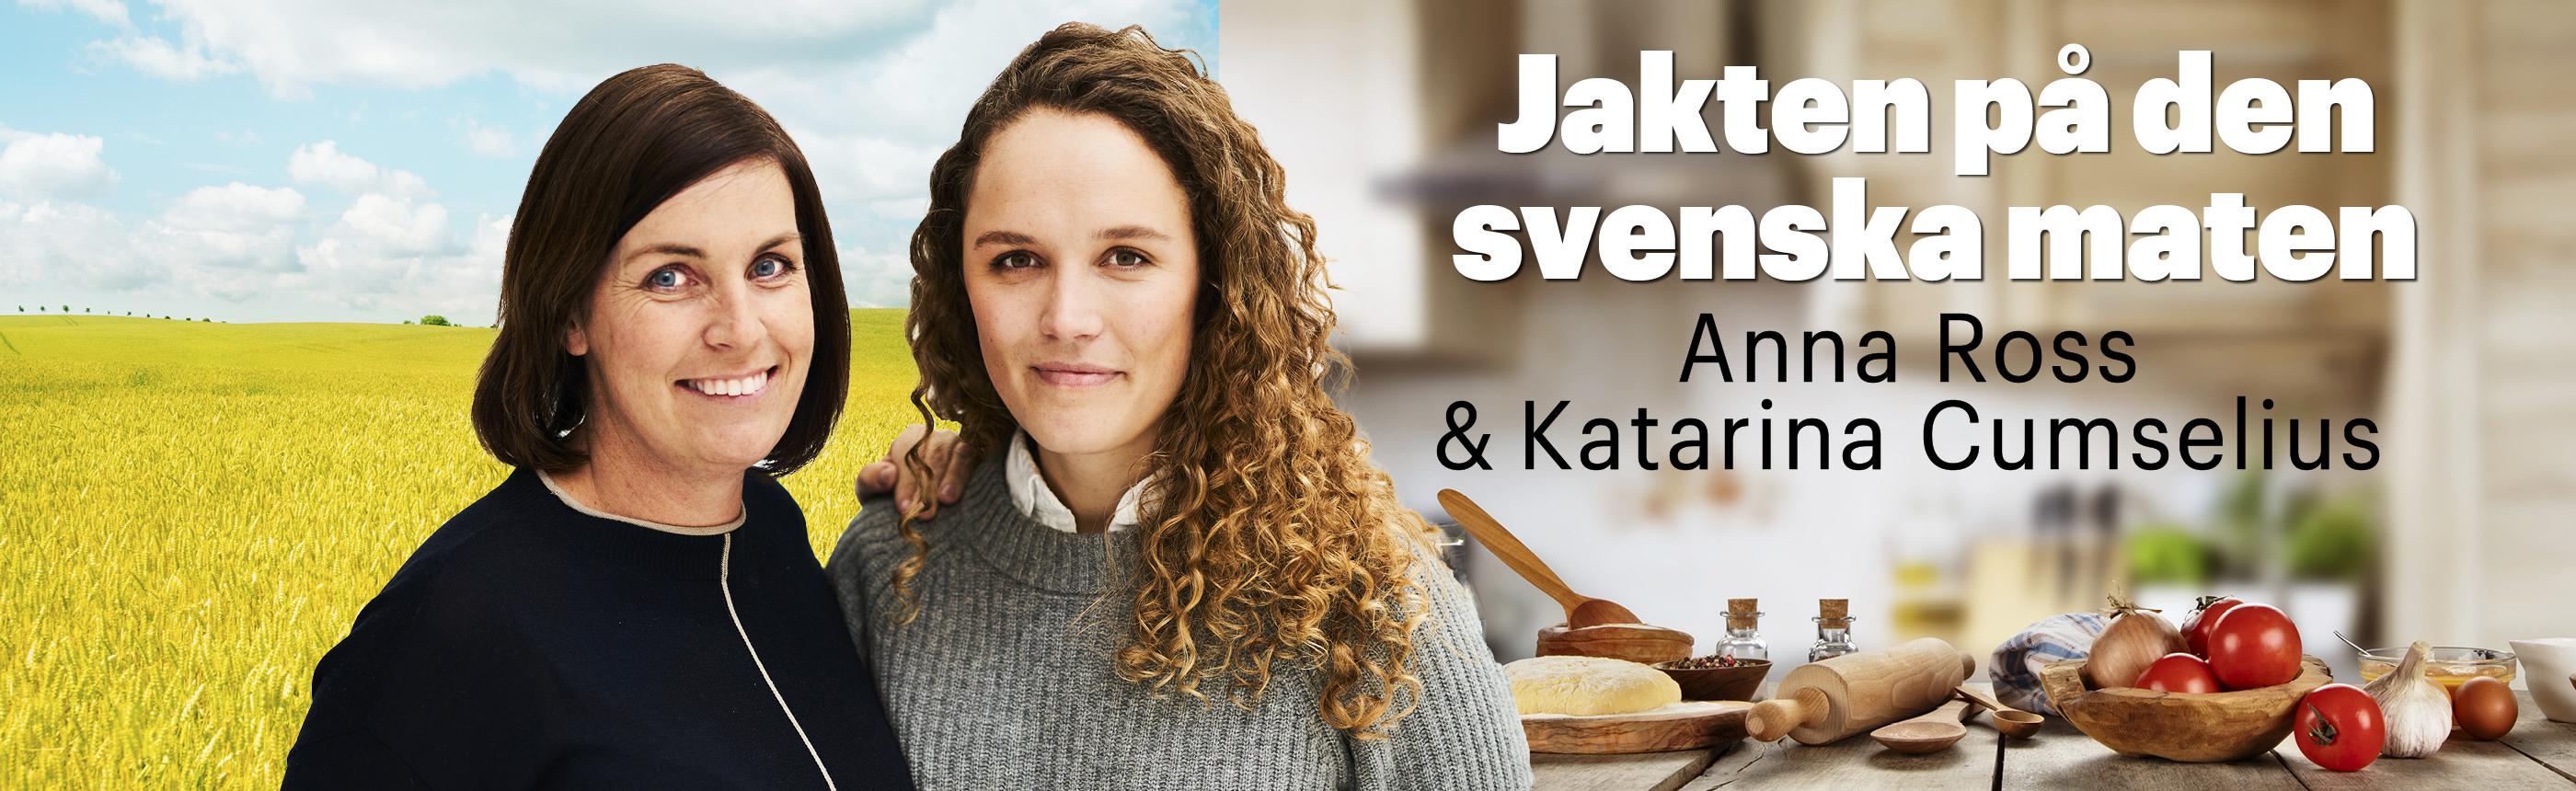 Jakten på den svenska maten blogg